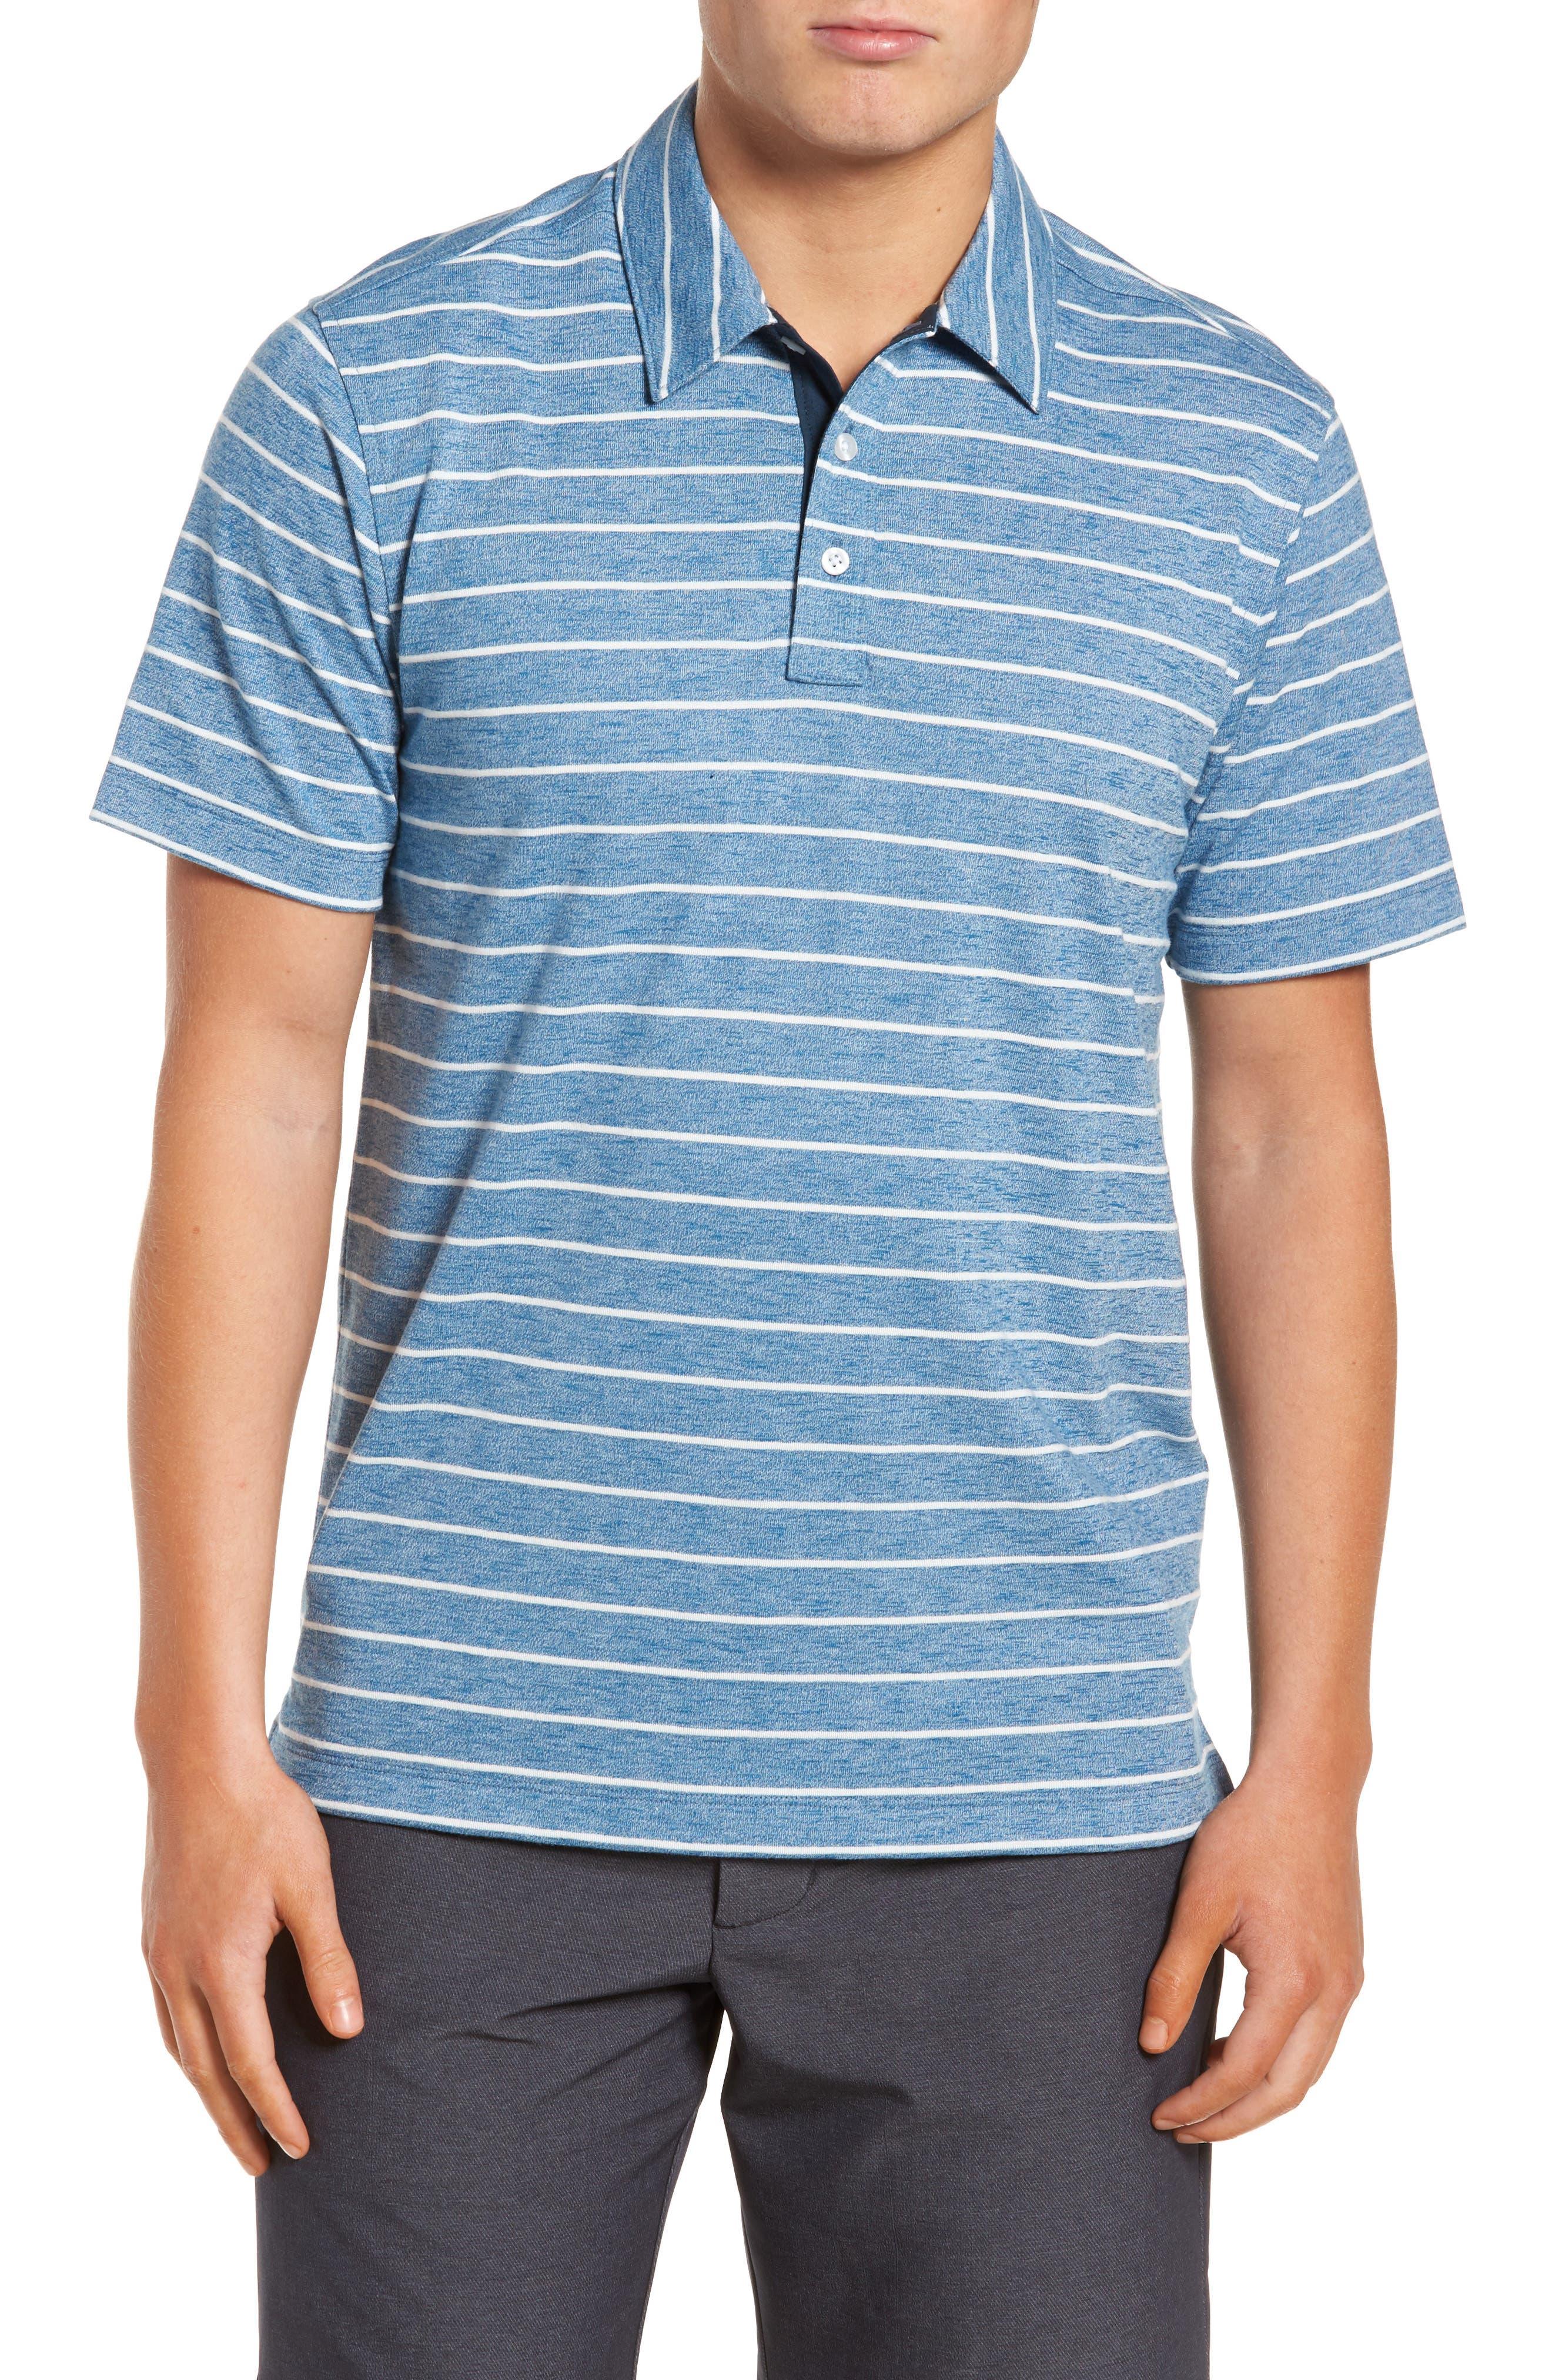 Nordstrom Men's Shop Stripe Polo